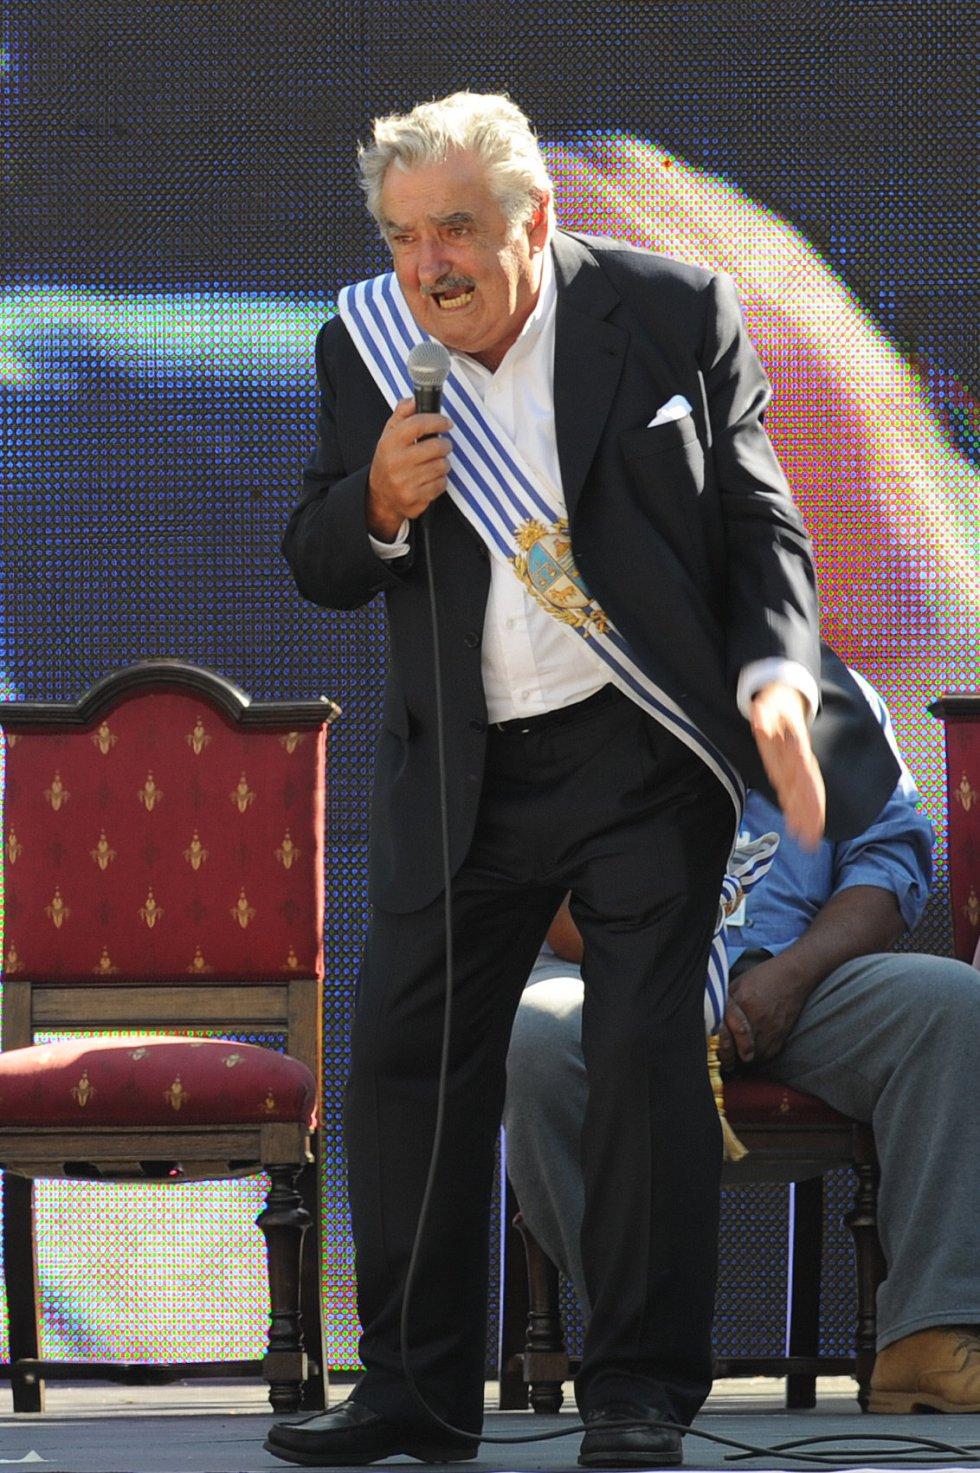 Mujica durante su discurso en la toma de posesión del nuevo gobierno en Montevideo, el 1 de marzo de 2010.